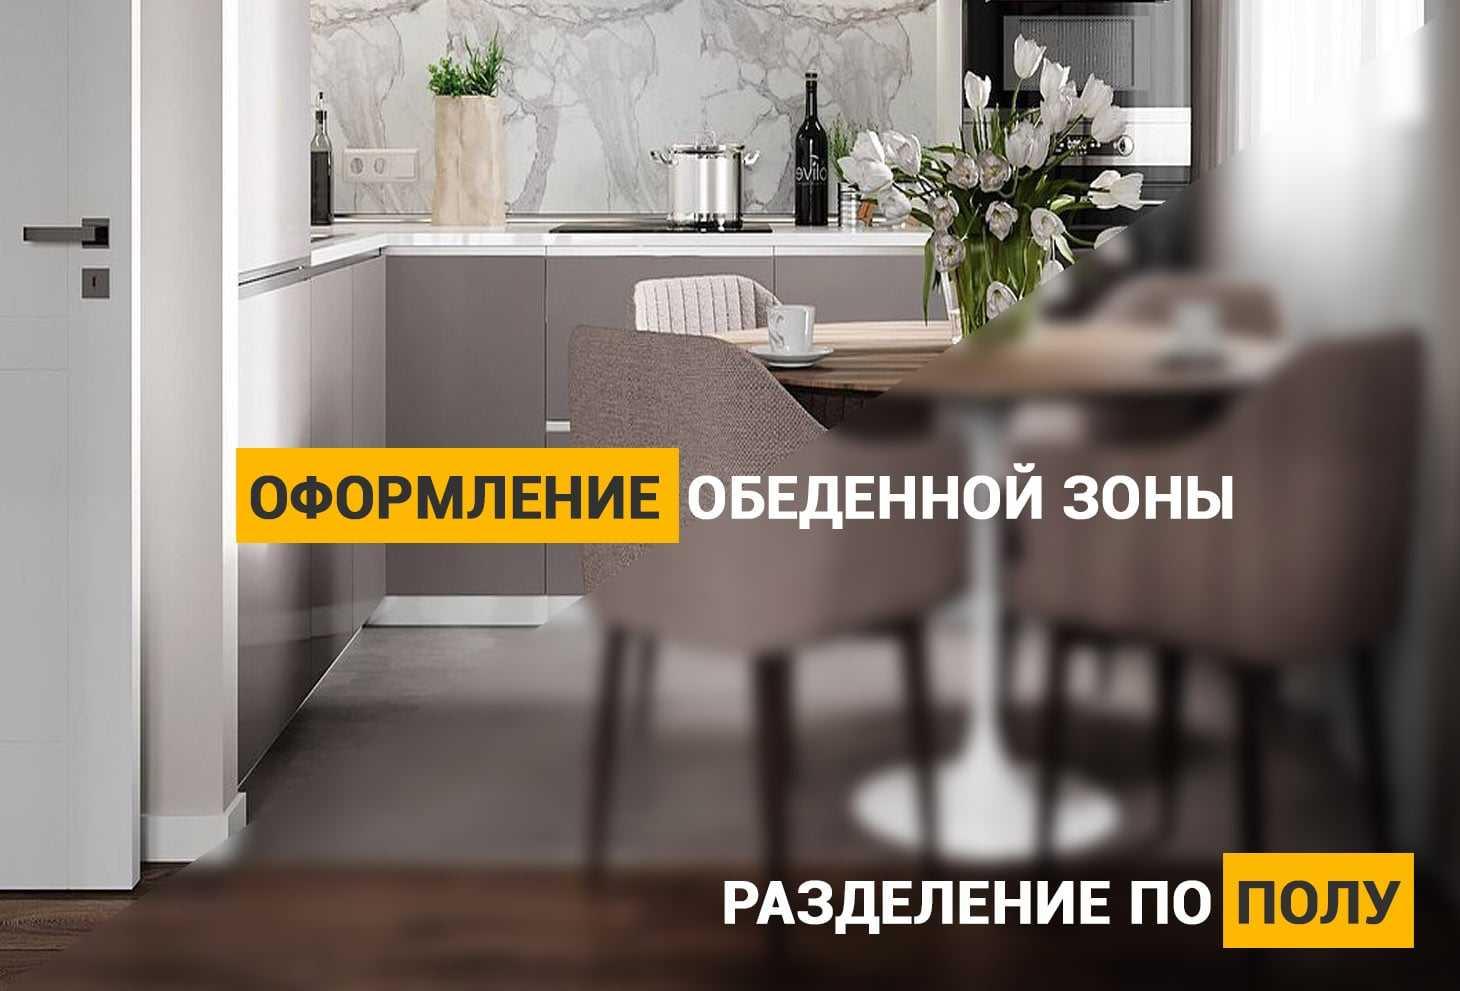 оформление обеденной зоны на кухне по полу